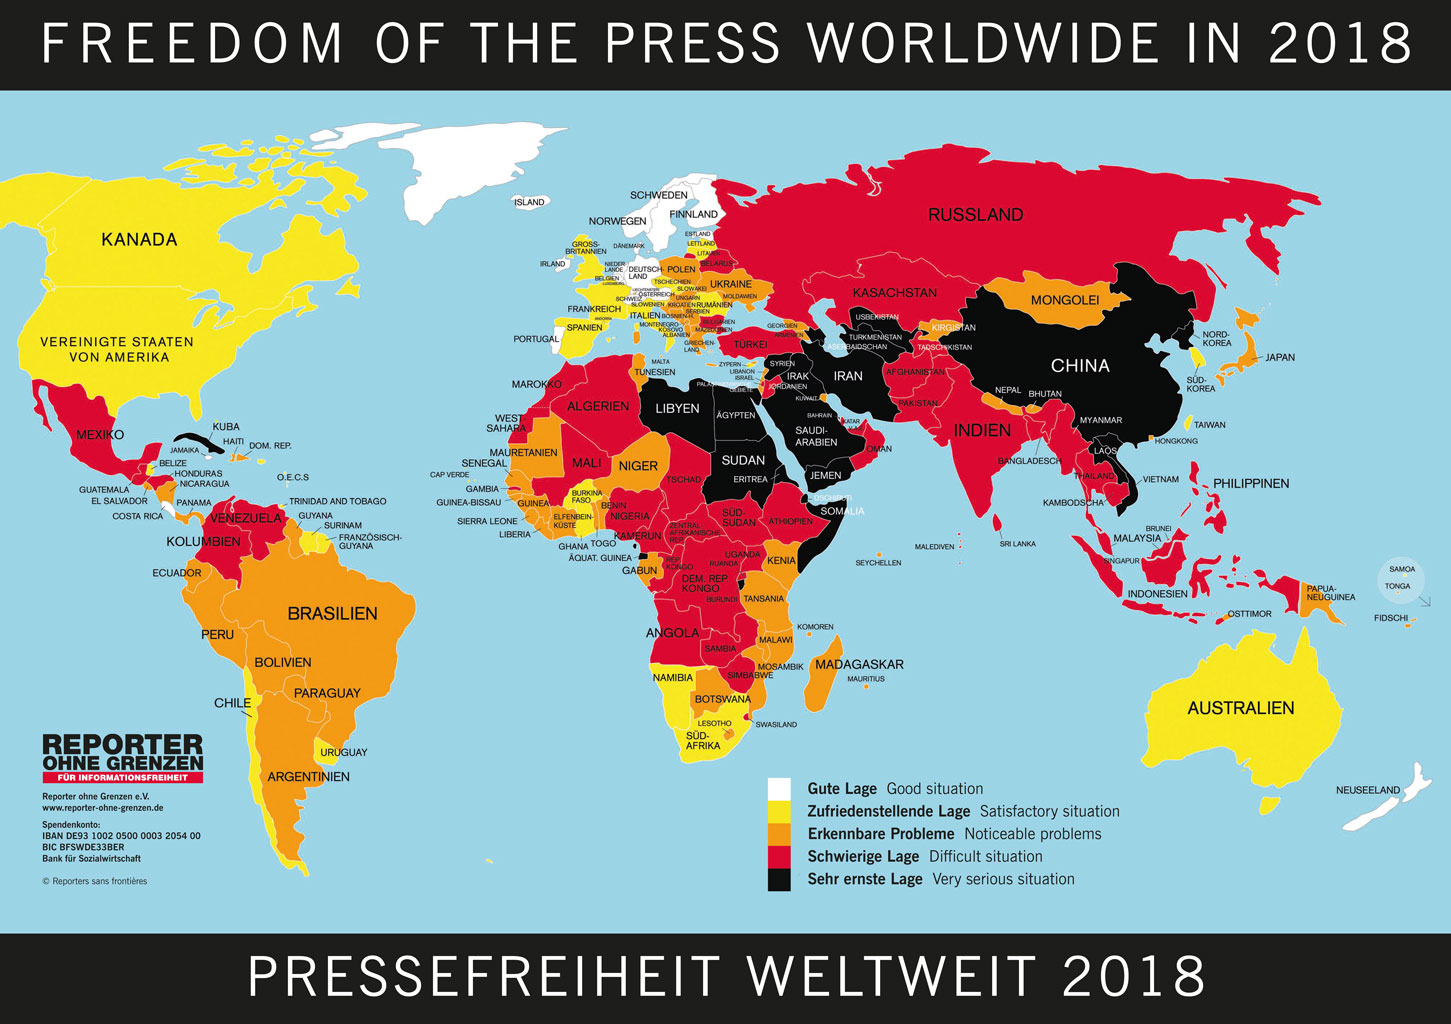 Syrien Karte Aktuell 2018.Rangliste 2018 Reporter Ohne Grenzen Fur Informationsfreiheit